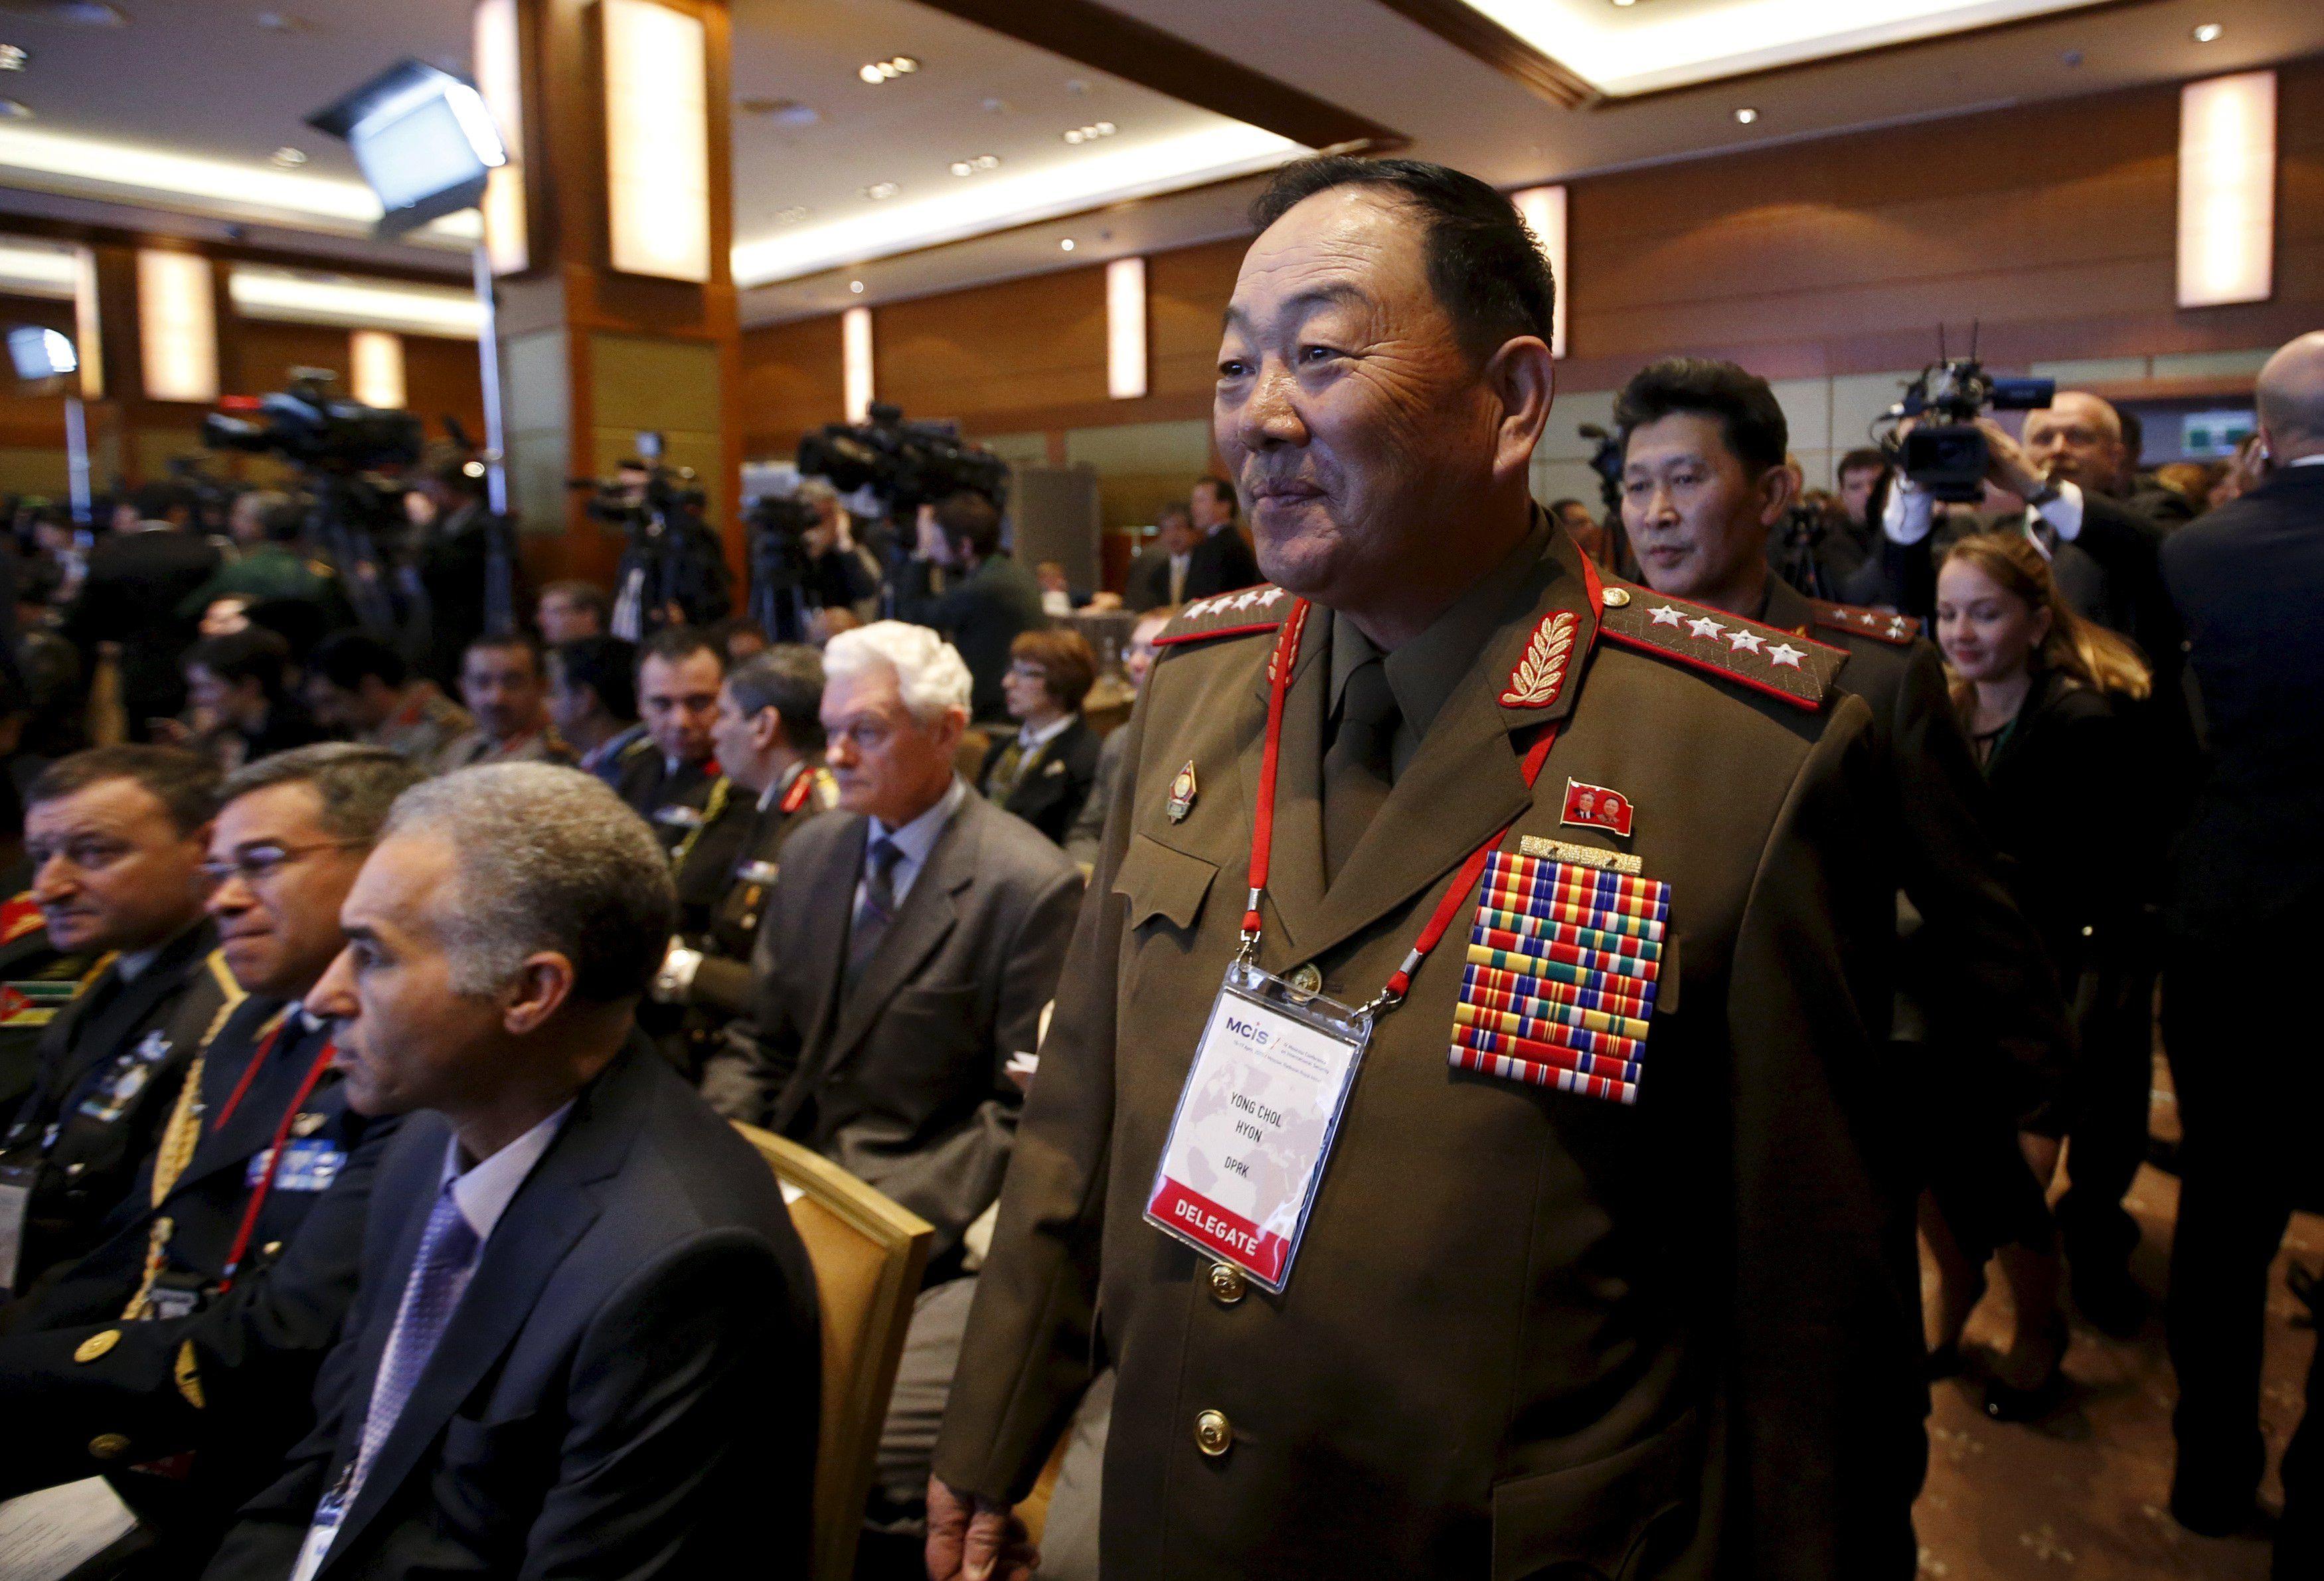 Purgas. Hyon fue visto por última vez en público en abril cuando asistió a una cumbre de seguridad en Moscú.